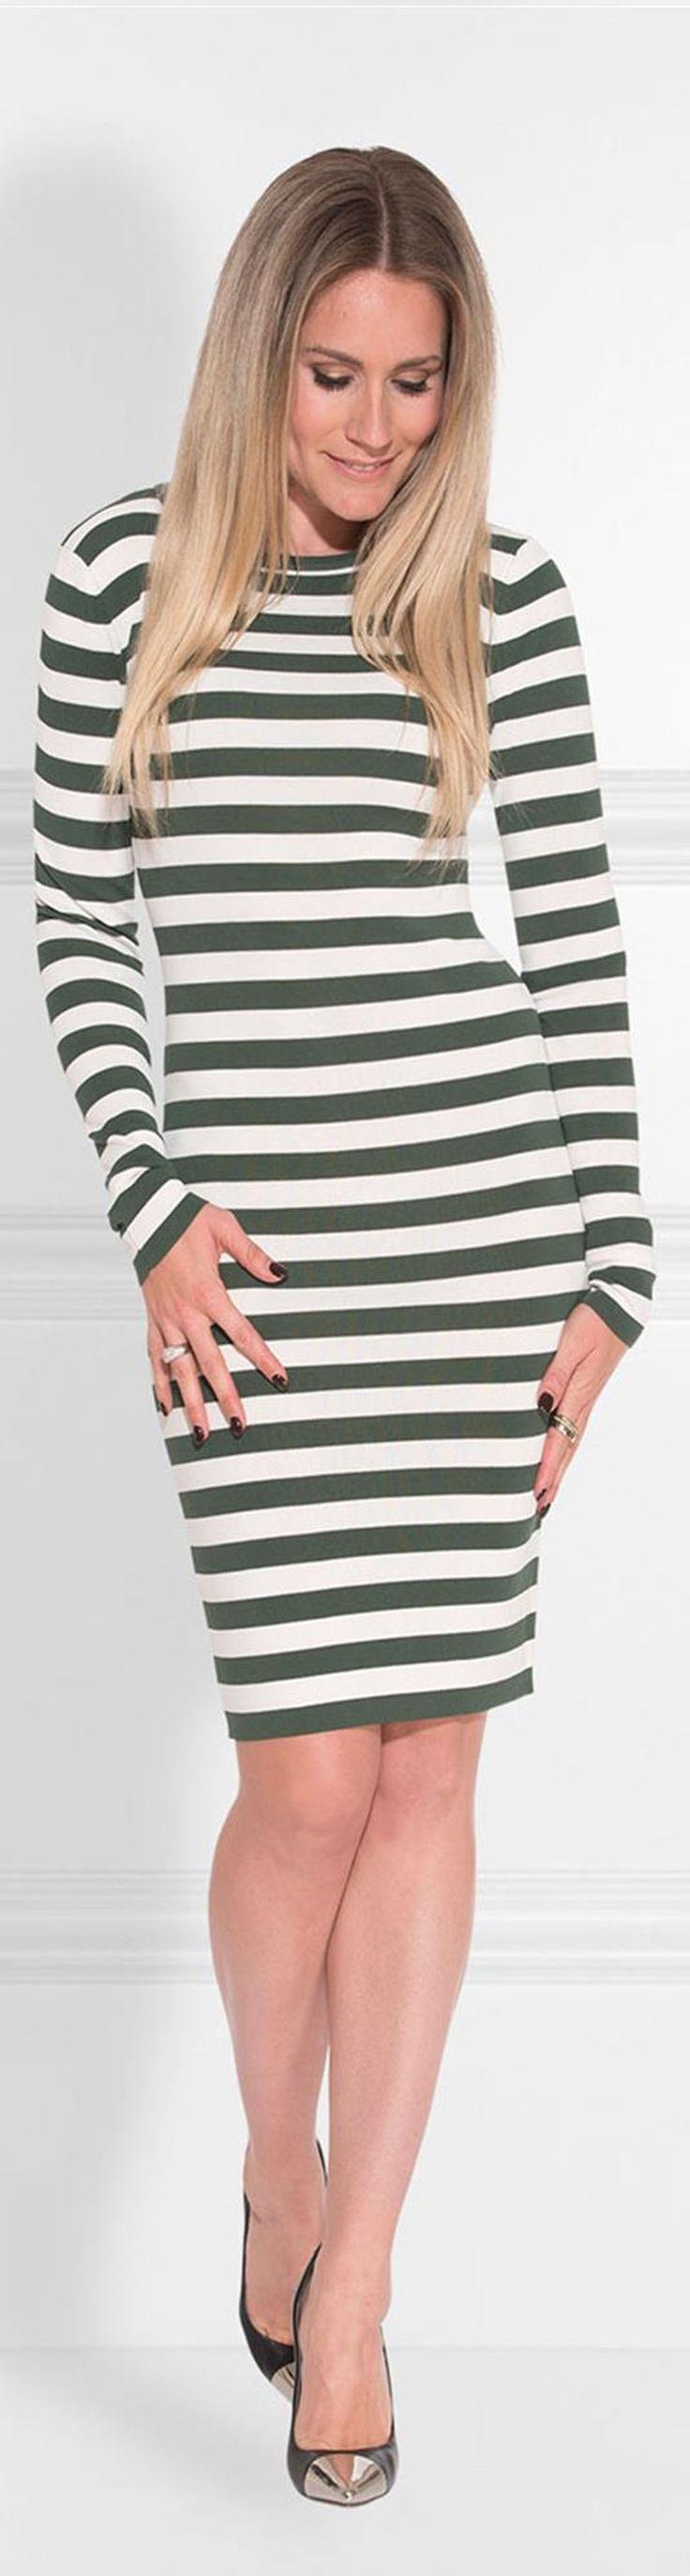 Nikkie korte jurk Jolie. Deze jurk met streep dessin heeft een ronde hals en lange mouwen.